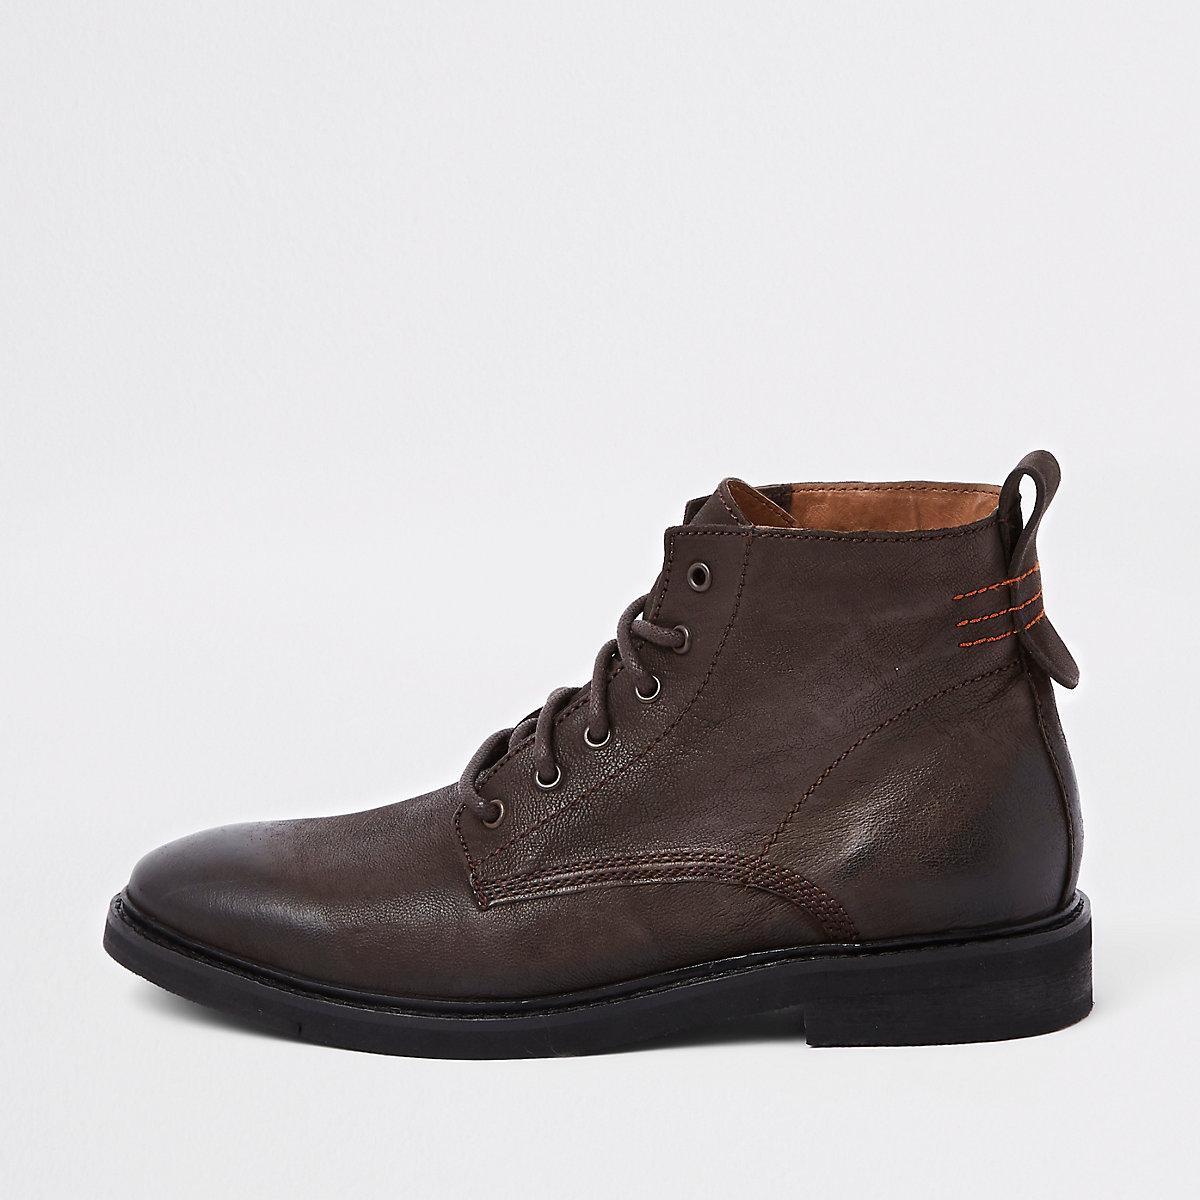 b69090274ddd Bottes à lacets en cuir marron foncé - Bottes - Chaussures   Bottes ...